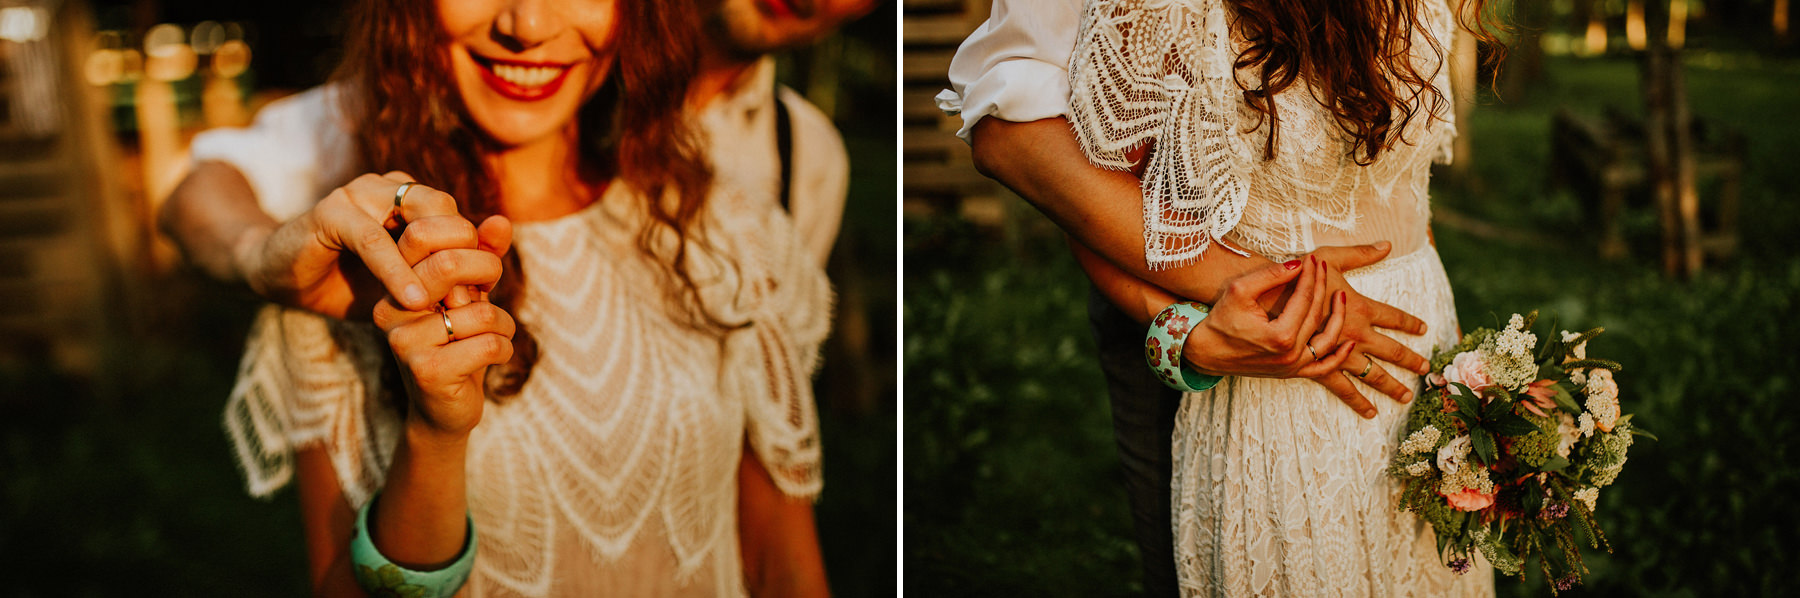 sukienka ślubna joanna niemiec atelier